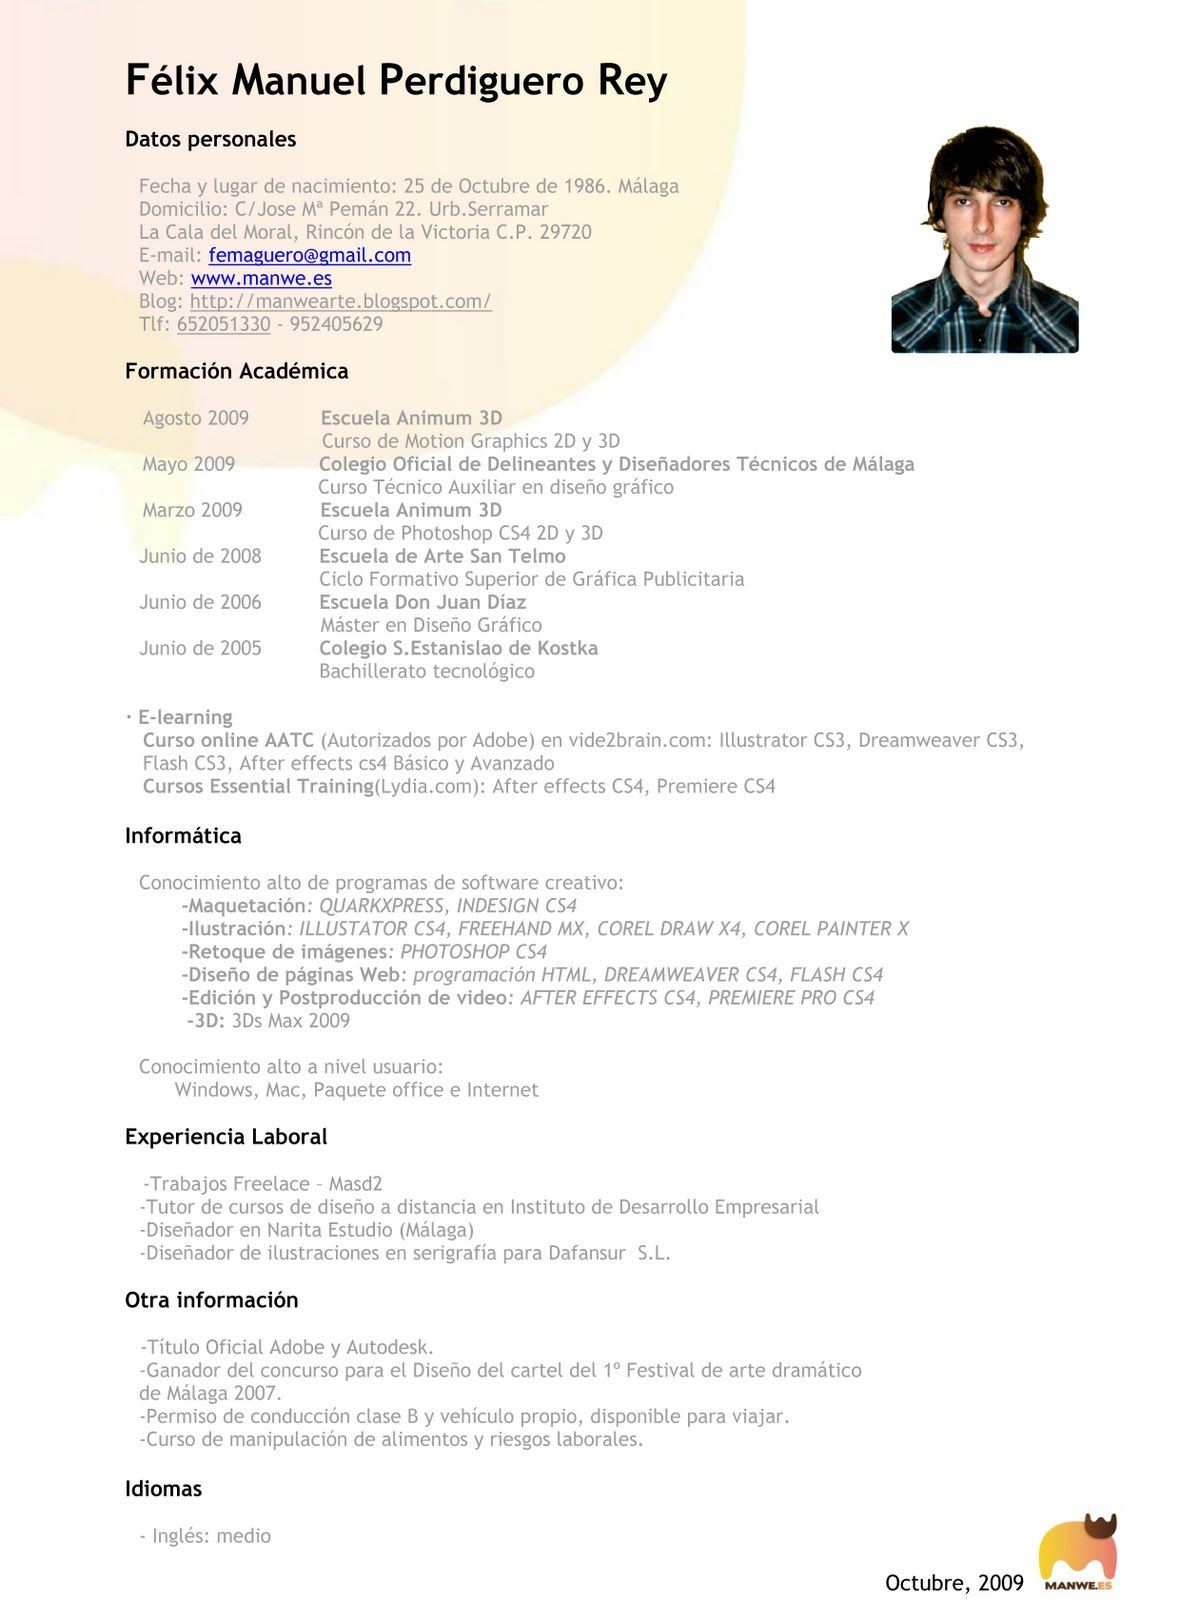 Curriculum Felix Manuel Formal Jpg 1180 1600 Cv 2 Elegant